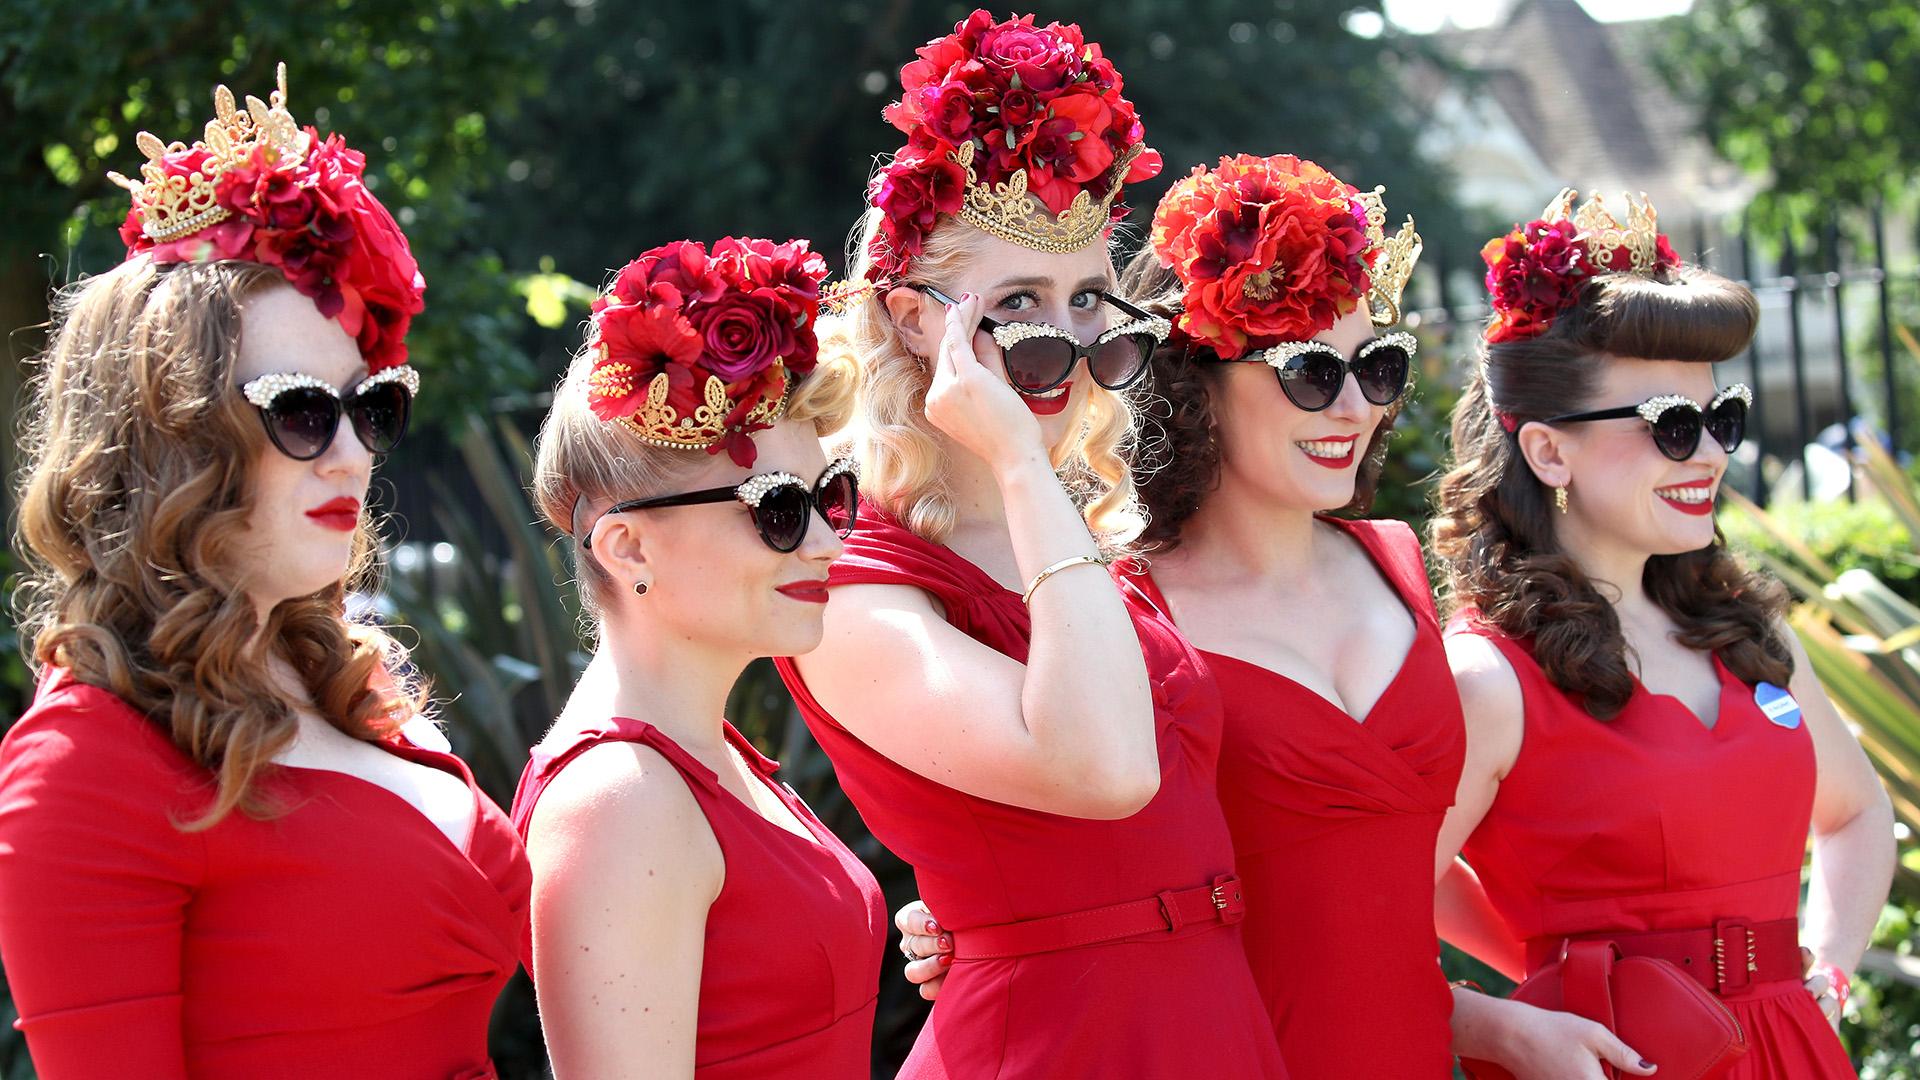 El look compartido es otra de las tendencias que se aprecia en Ascot